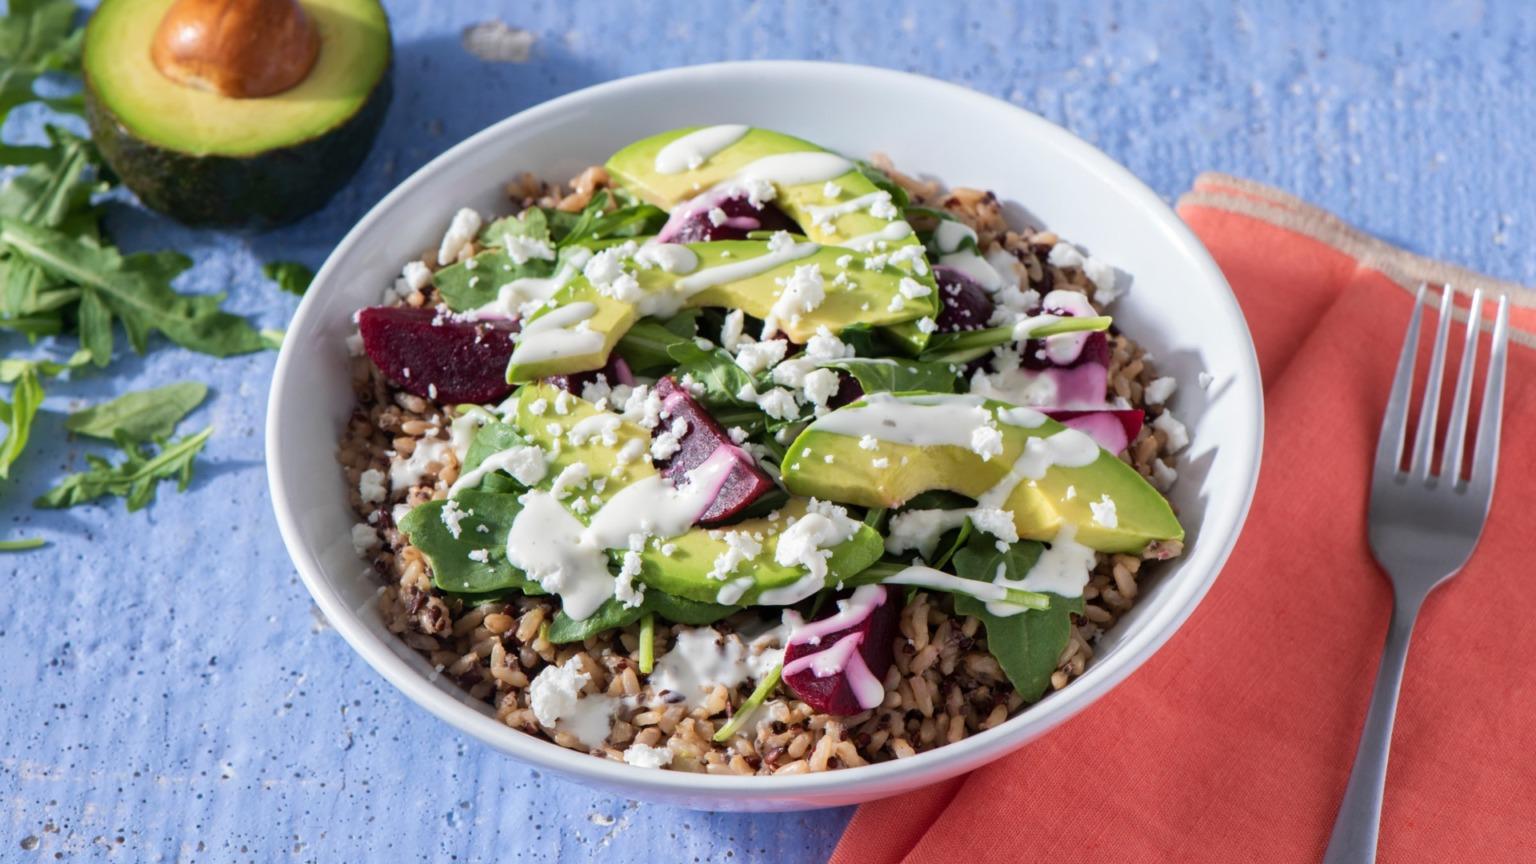 Beet and Multi-Grain Salad